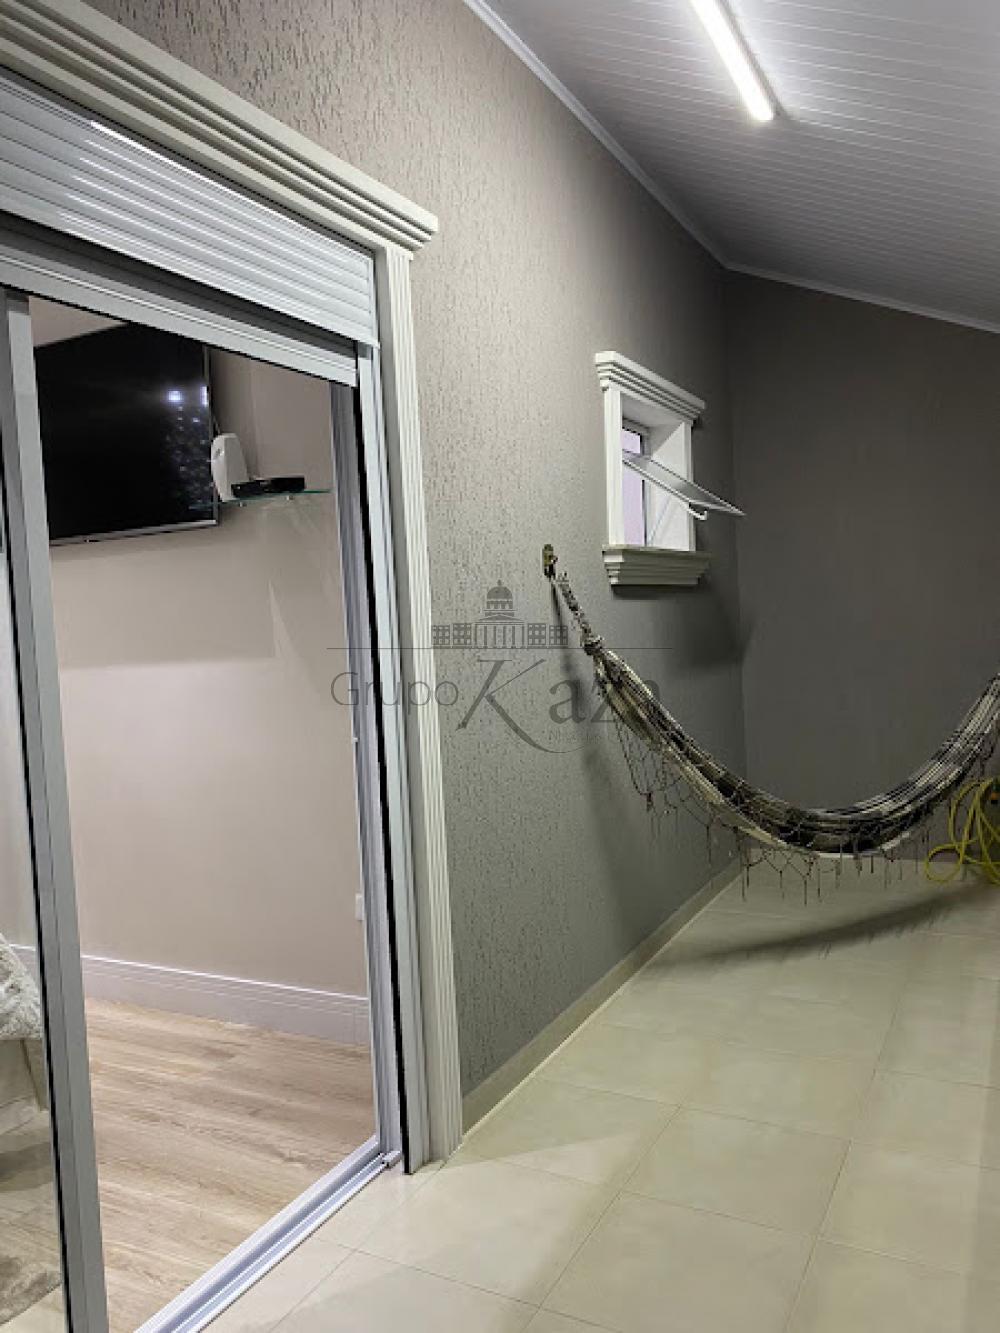 alt='Comprar Casa / Sobrado em São José dos Campos R$ 750.000,00 - Foto 22' title='Comprar Casa / Sobrado em São José dos Campos R$ 750.000,00 - Foto 22'